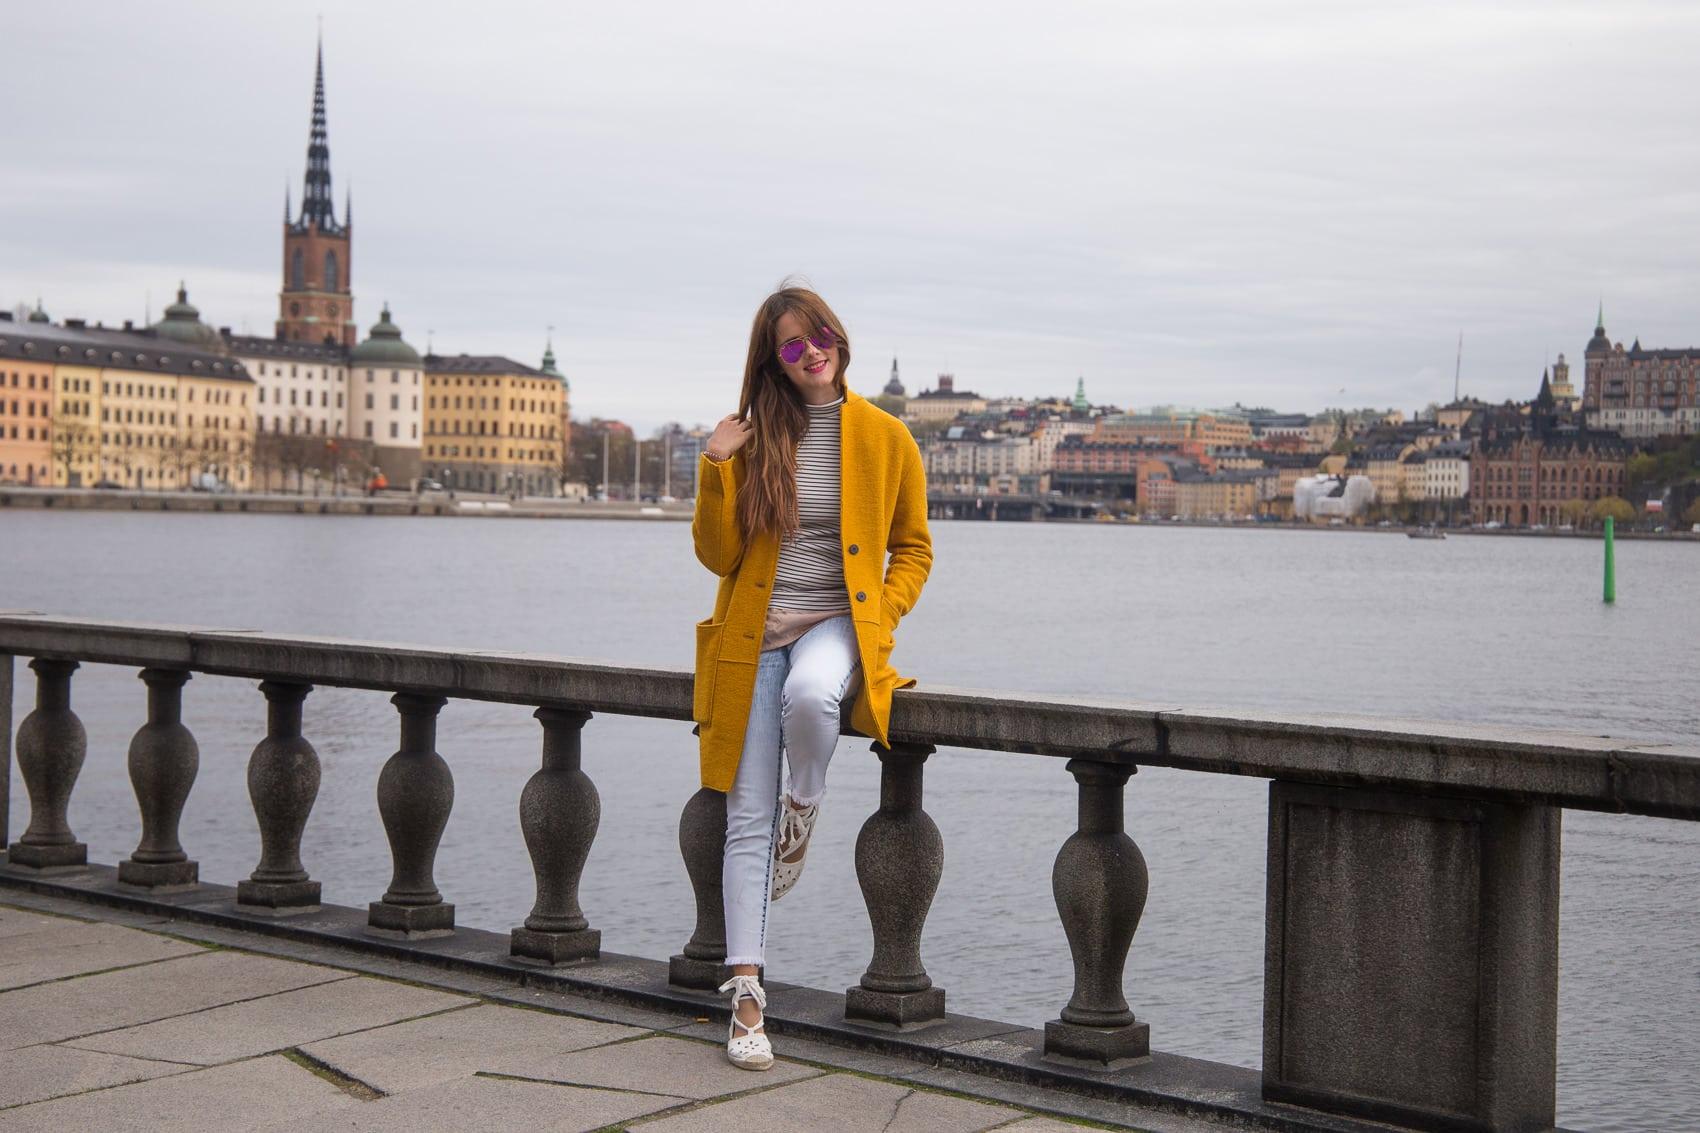 Städtereise nach Stockholm - 3 Tage in der schwedischen Hauptstadt